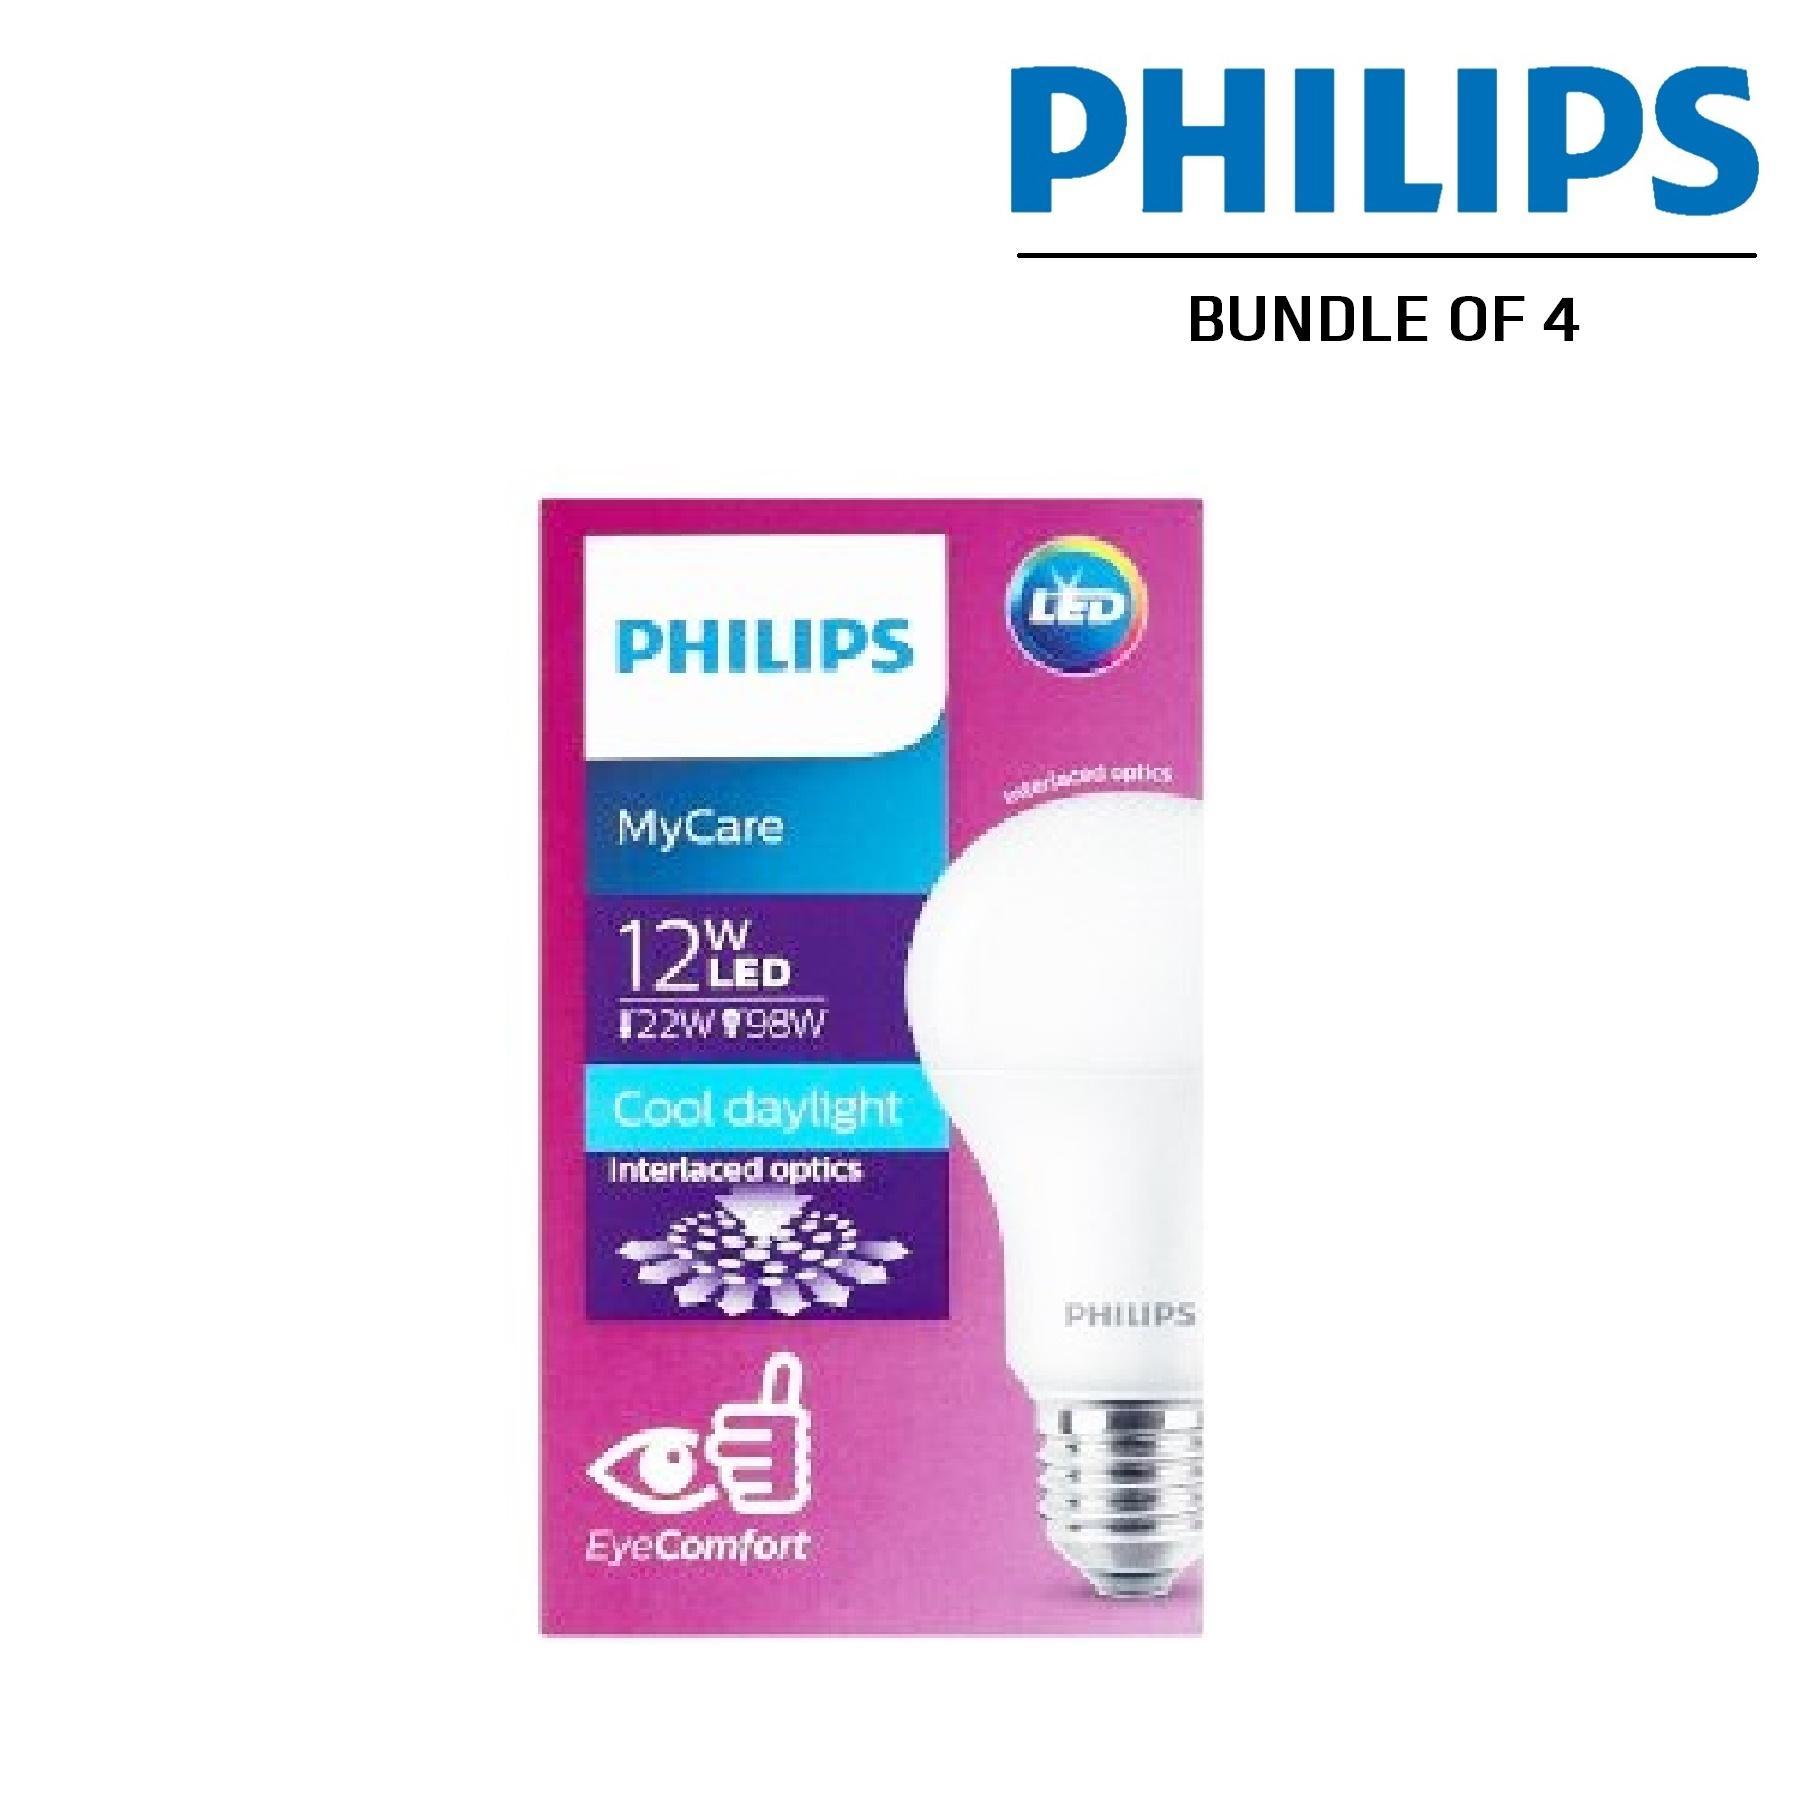 Philips MyCare LED Bulb 12W Daylight E27 Value Pack